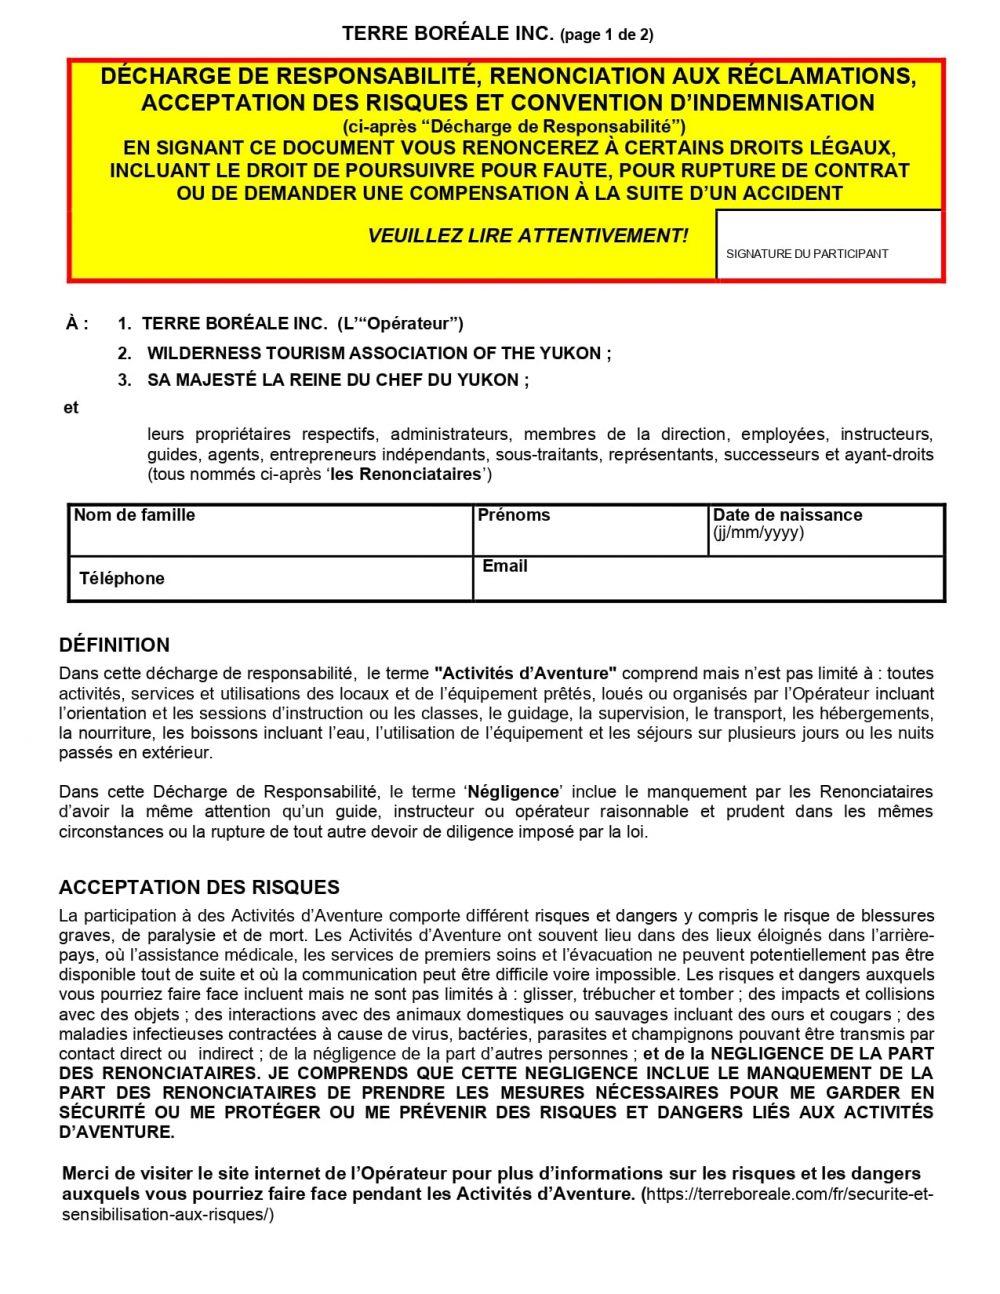 Terre Boréale-Décharge de responsabilité 2021_1